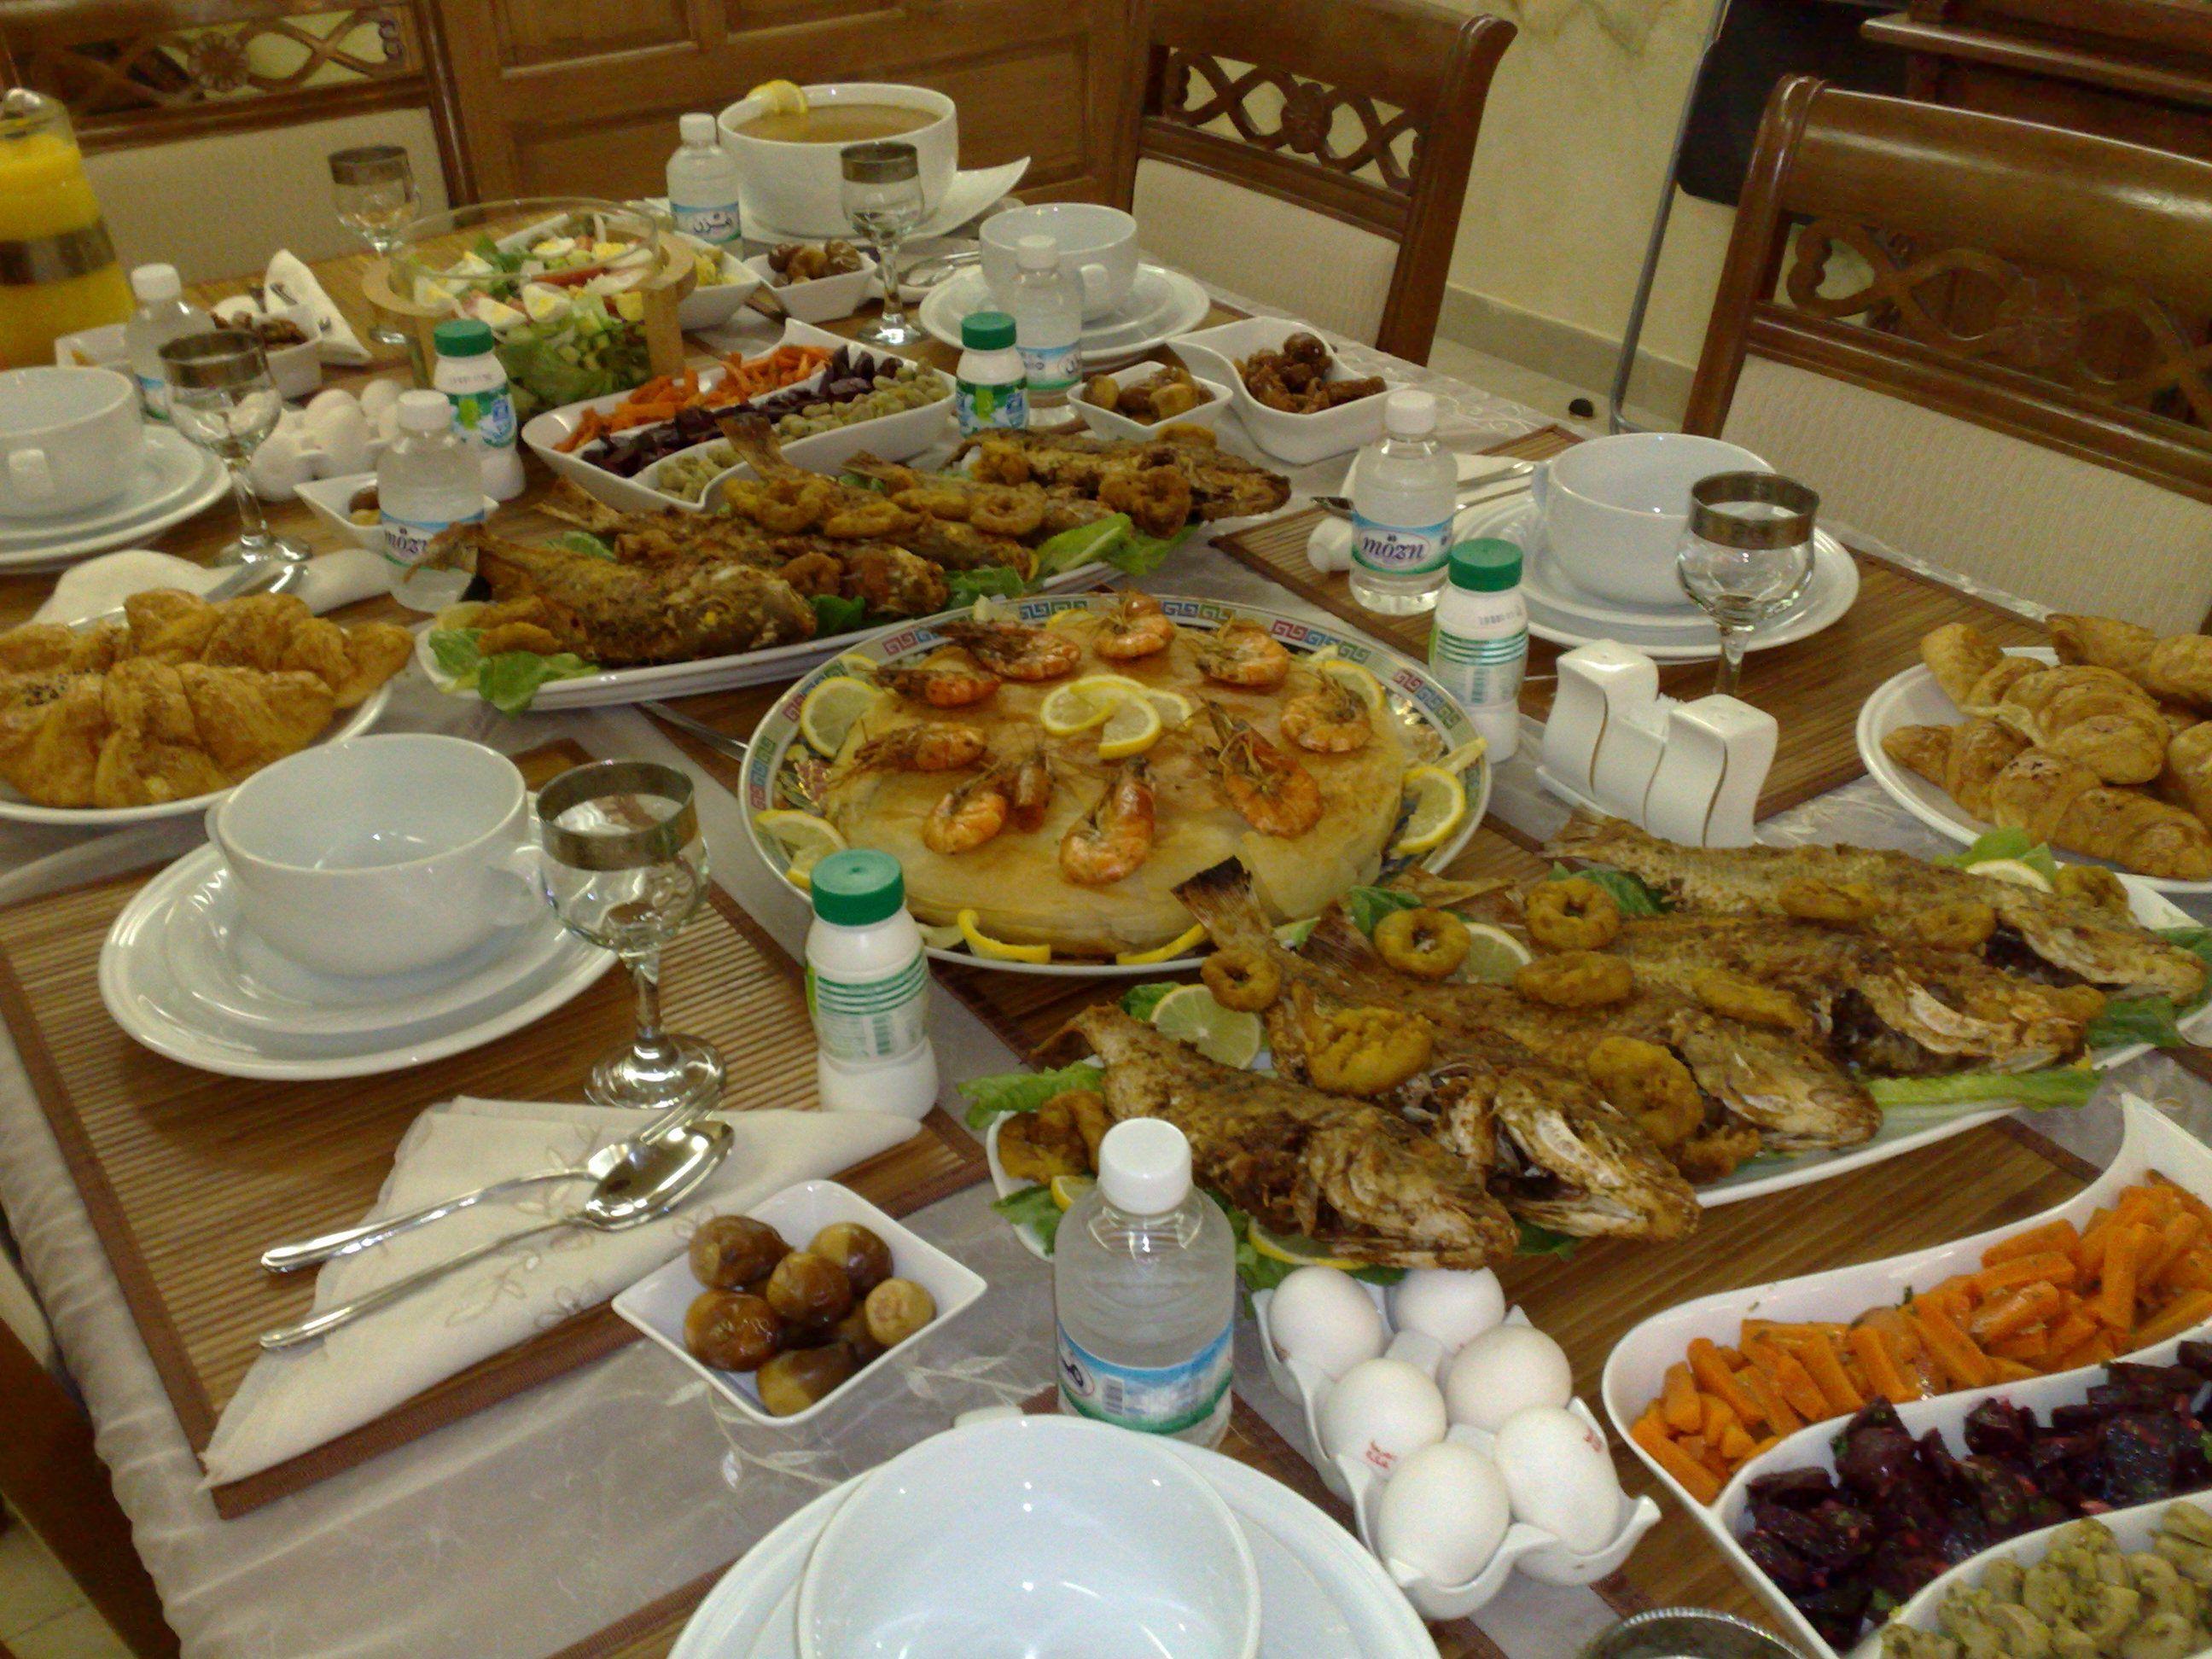 صوره صواني عشاء فخمه صينية حلى عشاء بالصور سهله ولذيذه , قدمى لعيلتك الذ الاكلات كل يوم